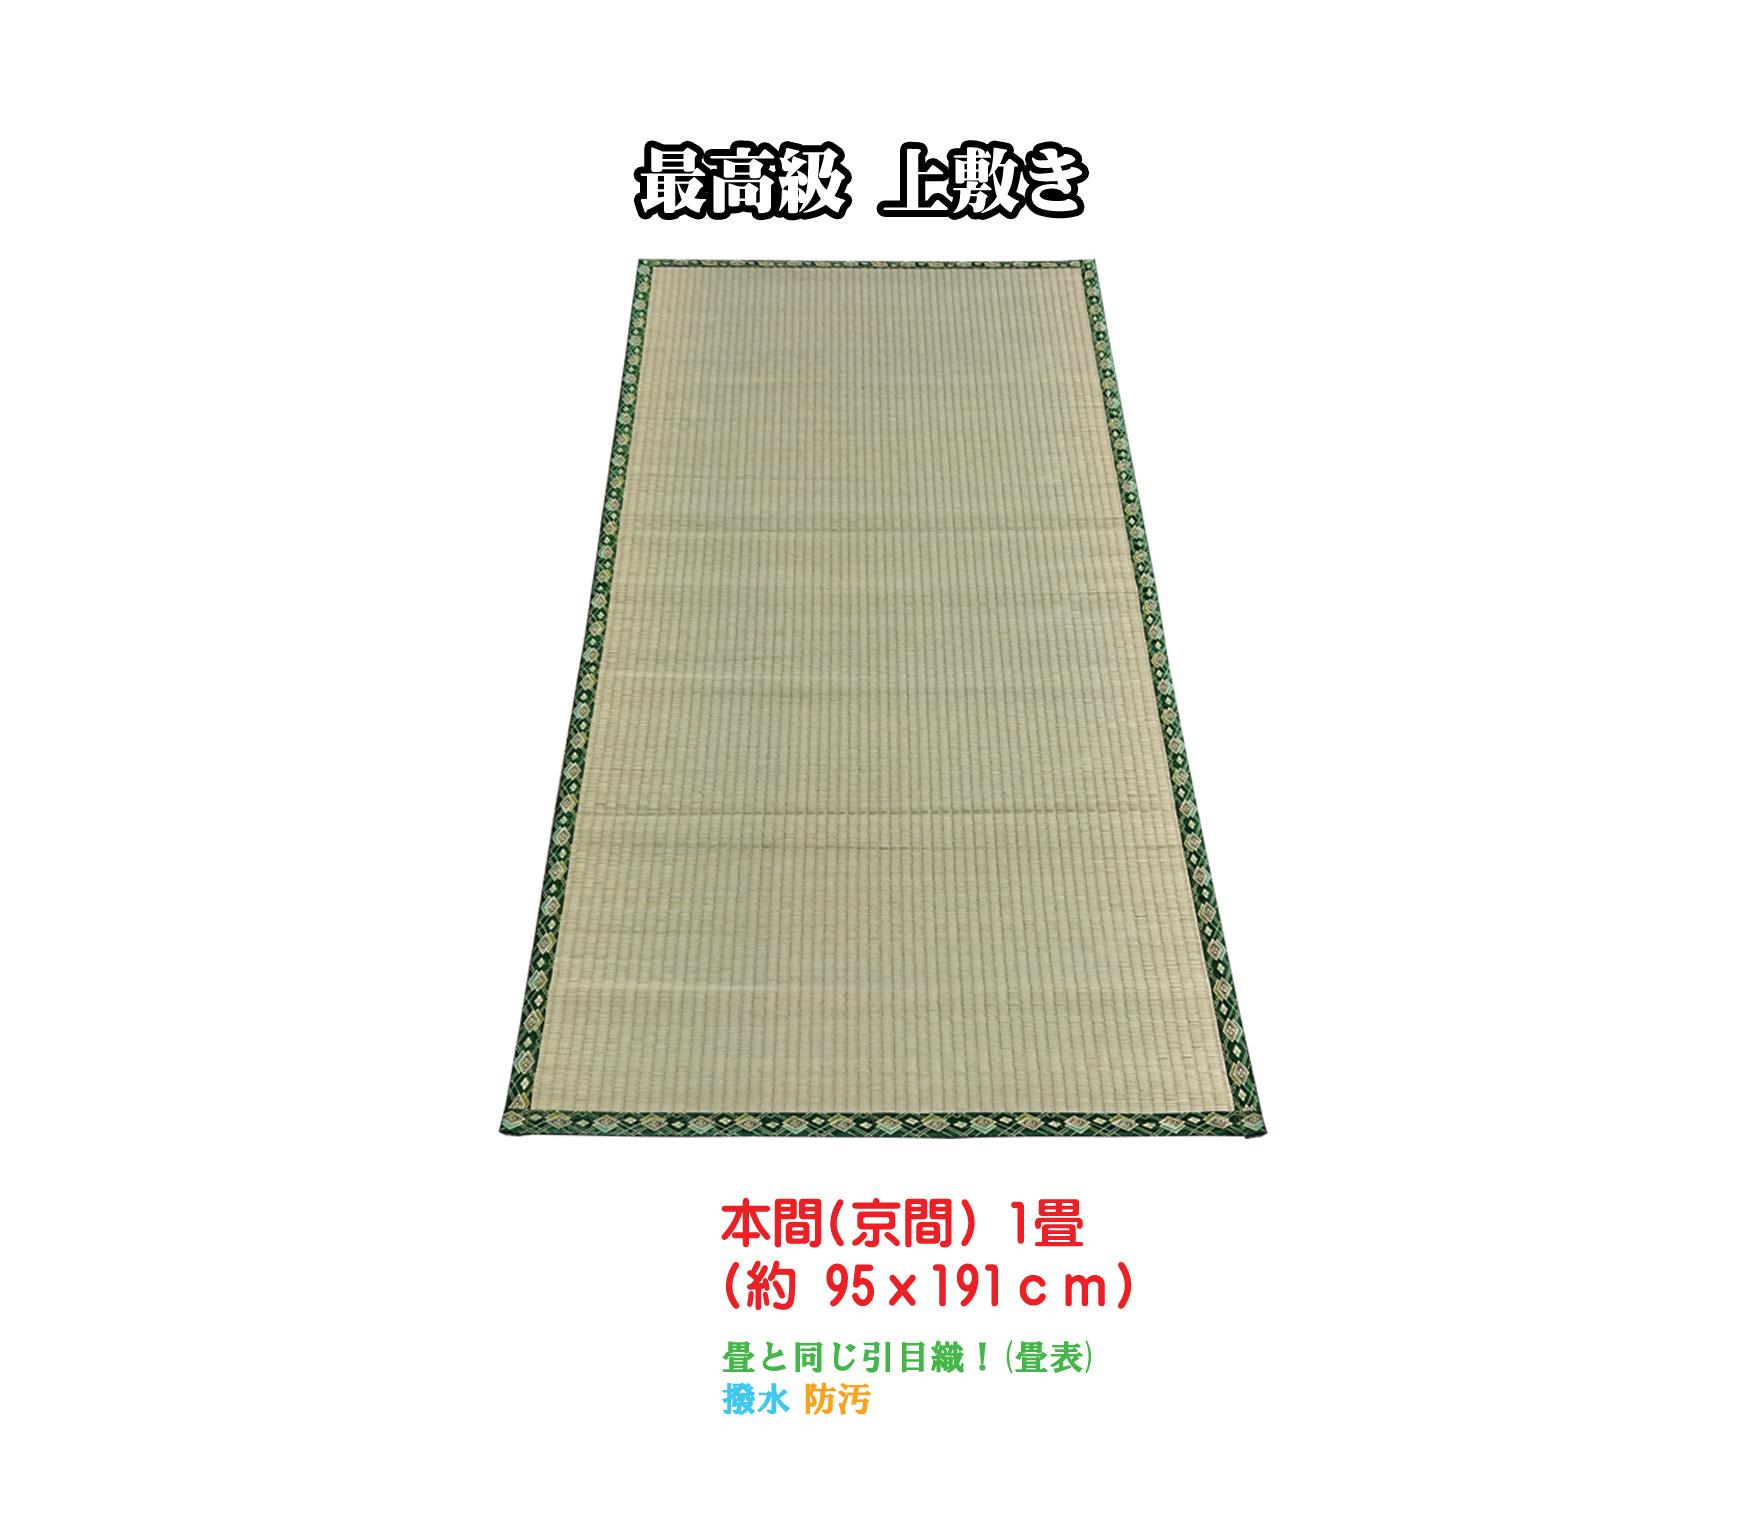 最高級 畳式上敷き(本間/京間) 1畳 便利ござ